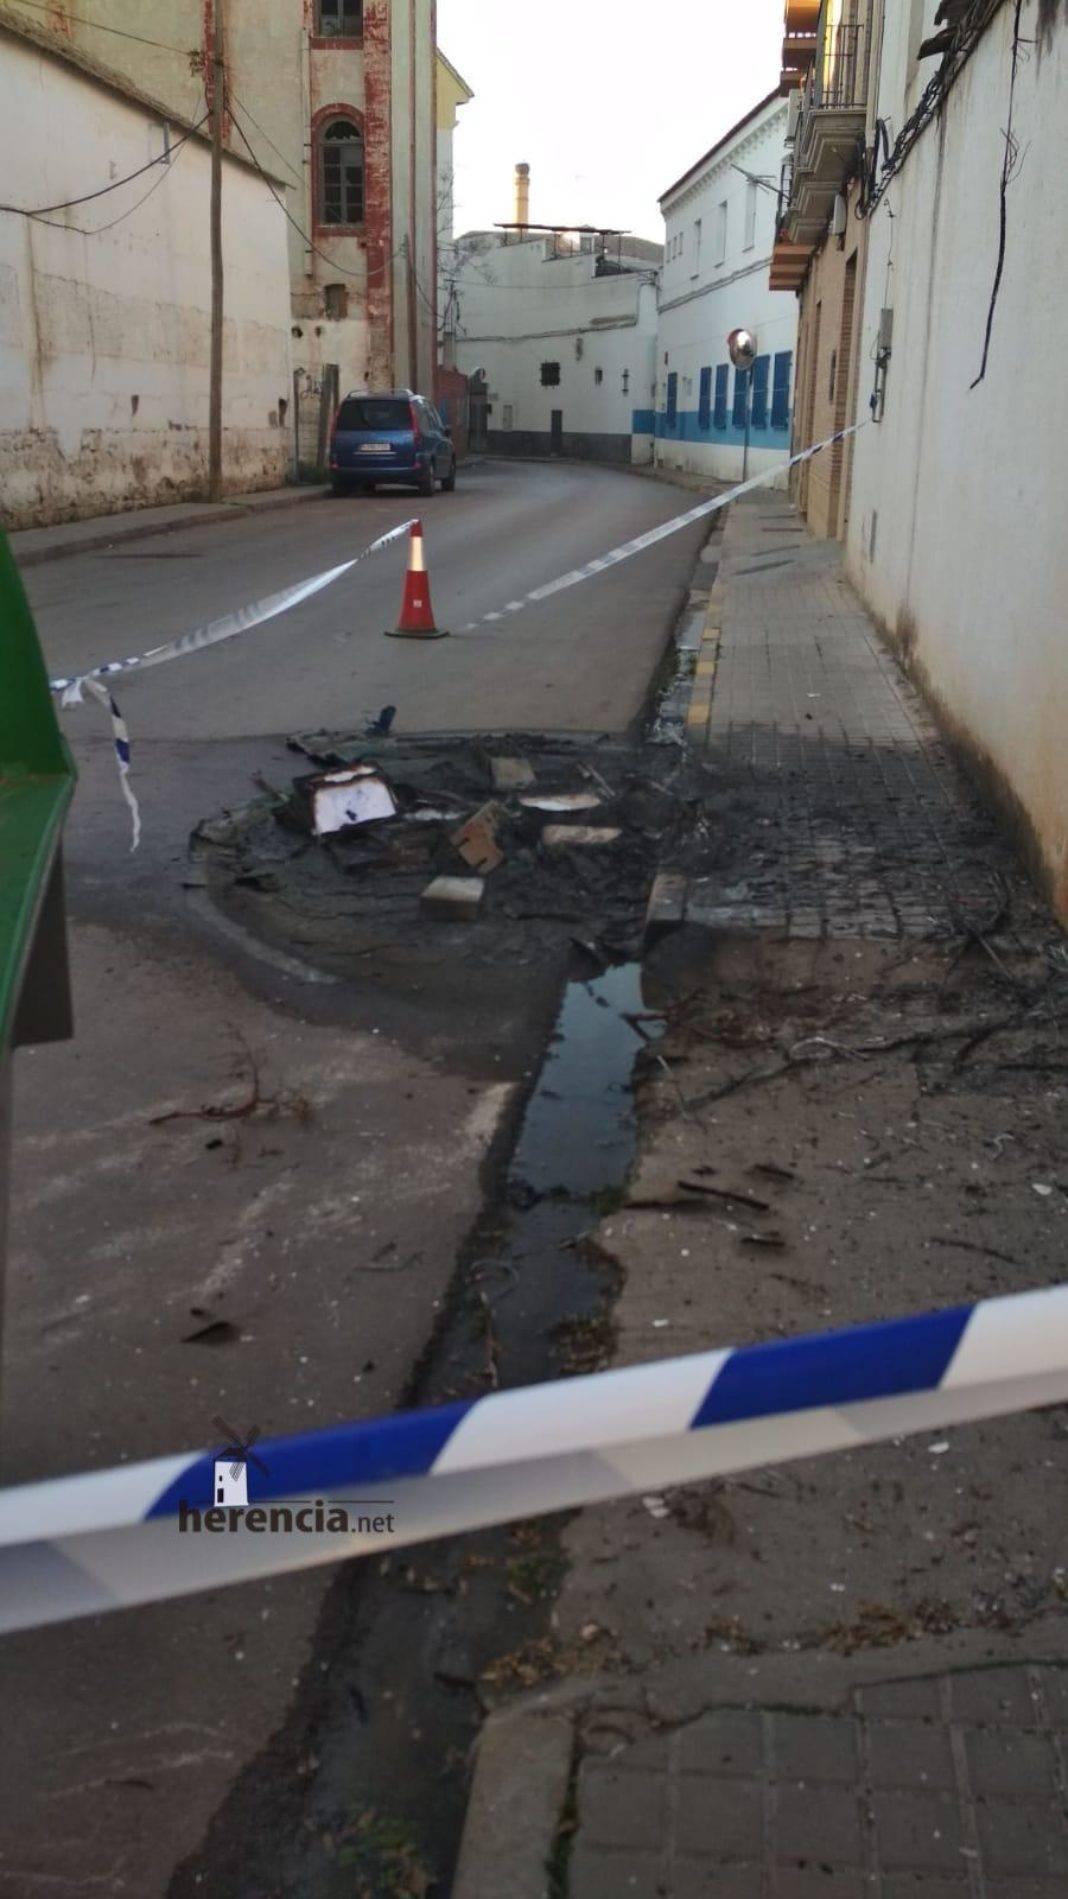 Arde un contenedor en la calle Gómez Montalbán de Herencia 5